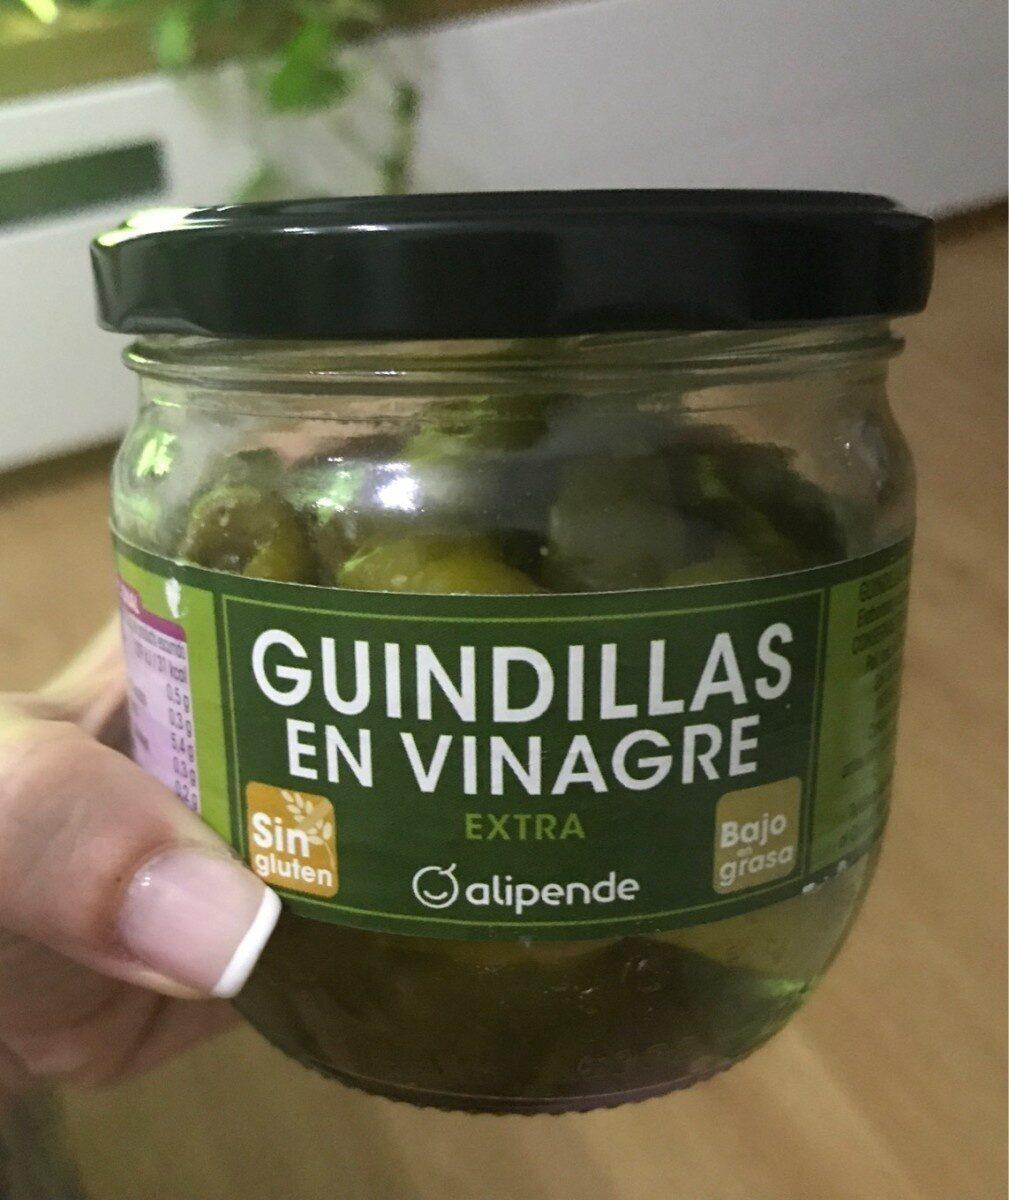 Guindillas en vinagre - Product - es